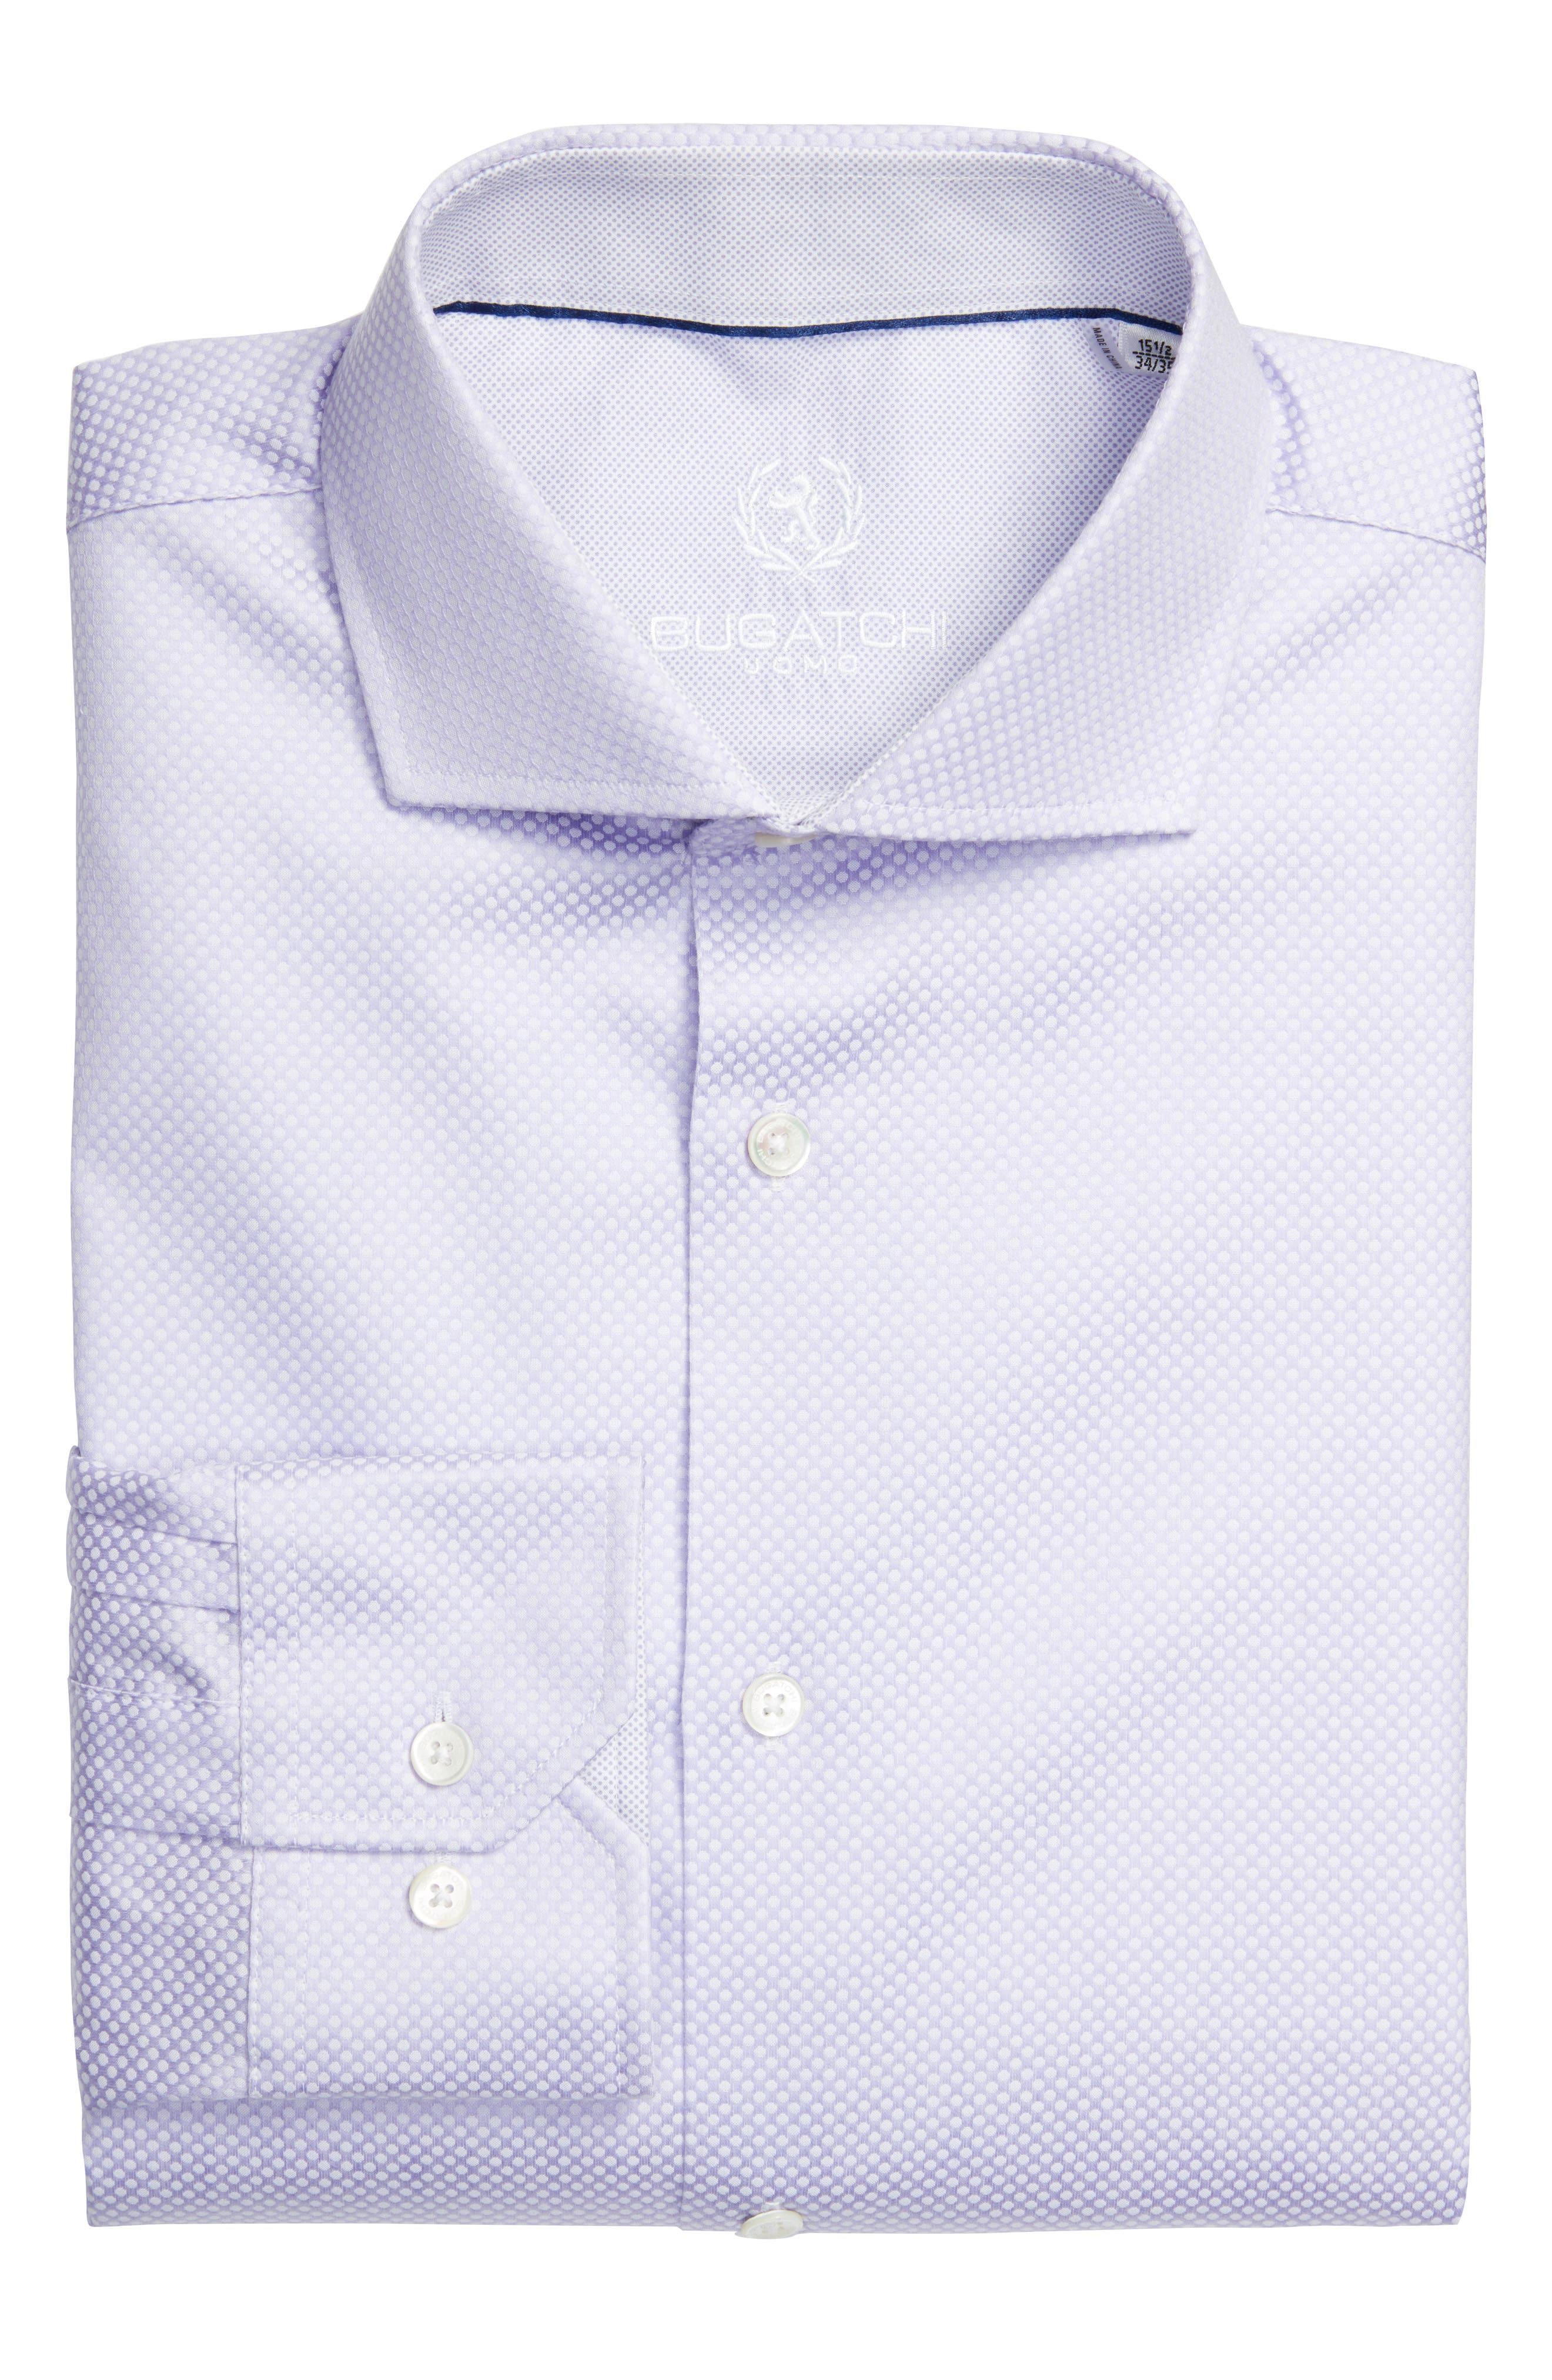 Trim Fit Dot Jacquard Dress Shirt,                             Main thumbnail 1, color,                             Lavender